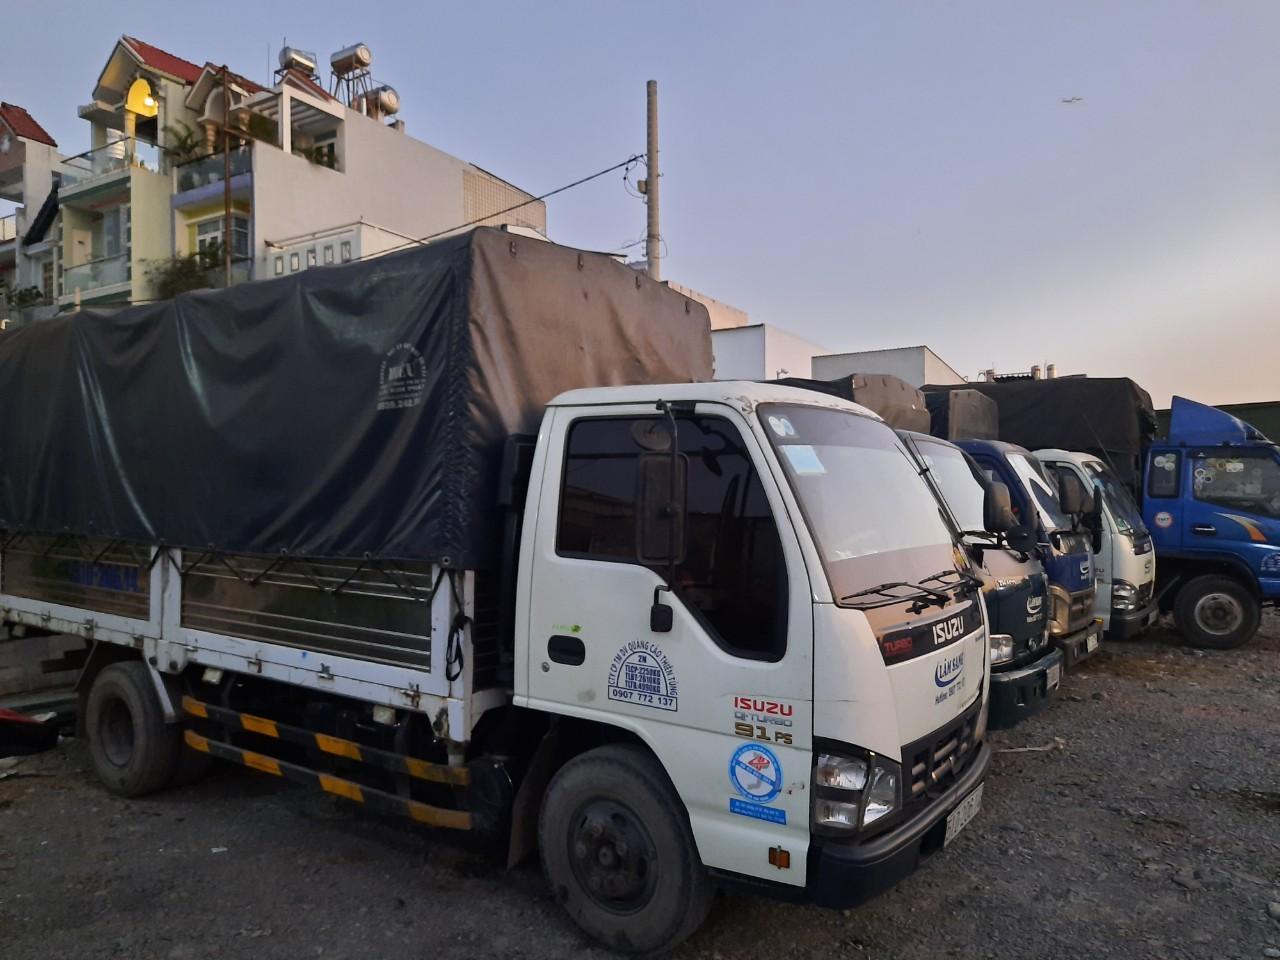 đội xe tải chuyển nhà quận bình thạnh Giá Rẻ Và Uy Tín